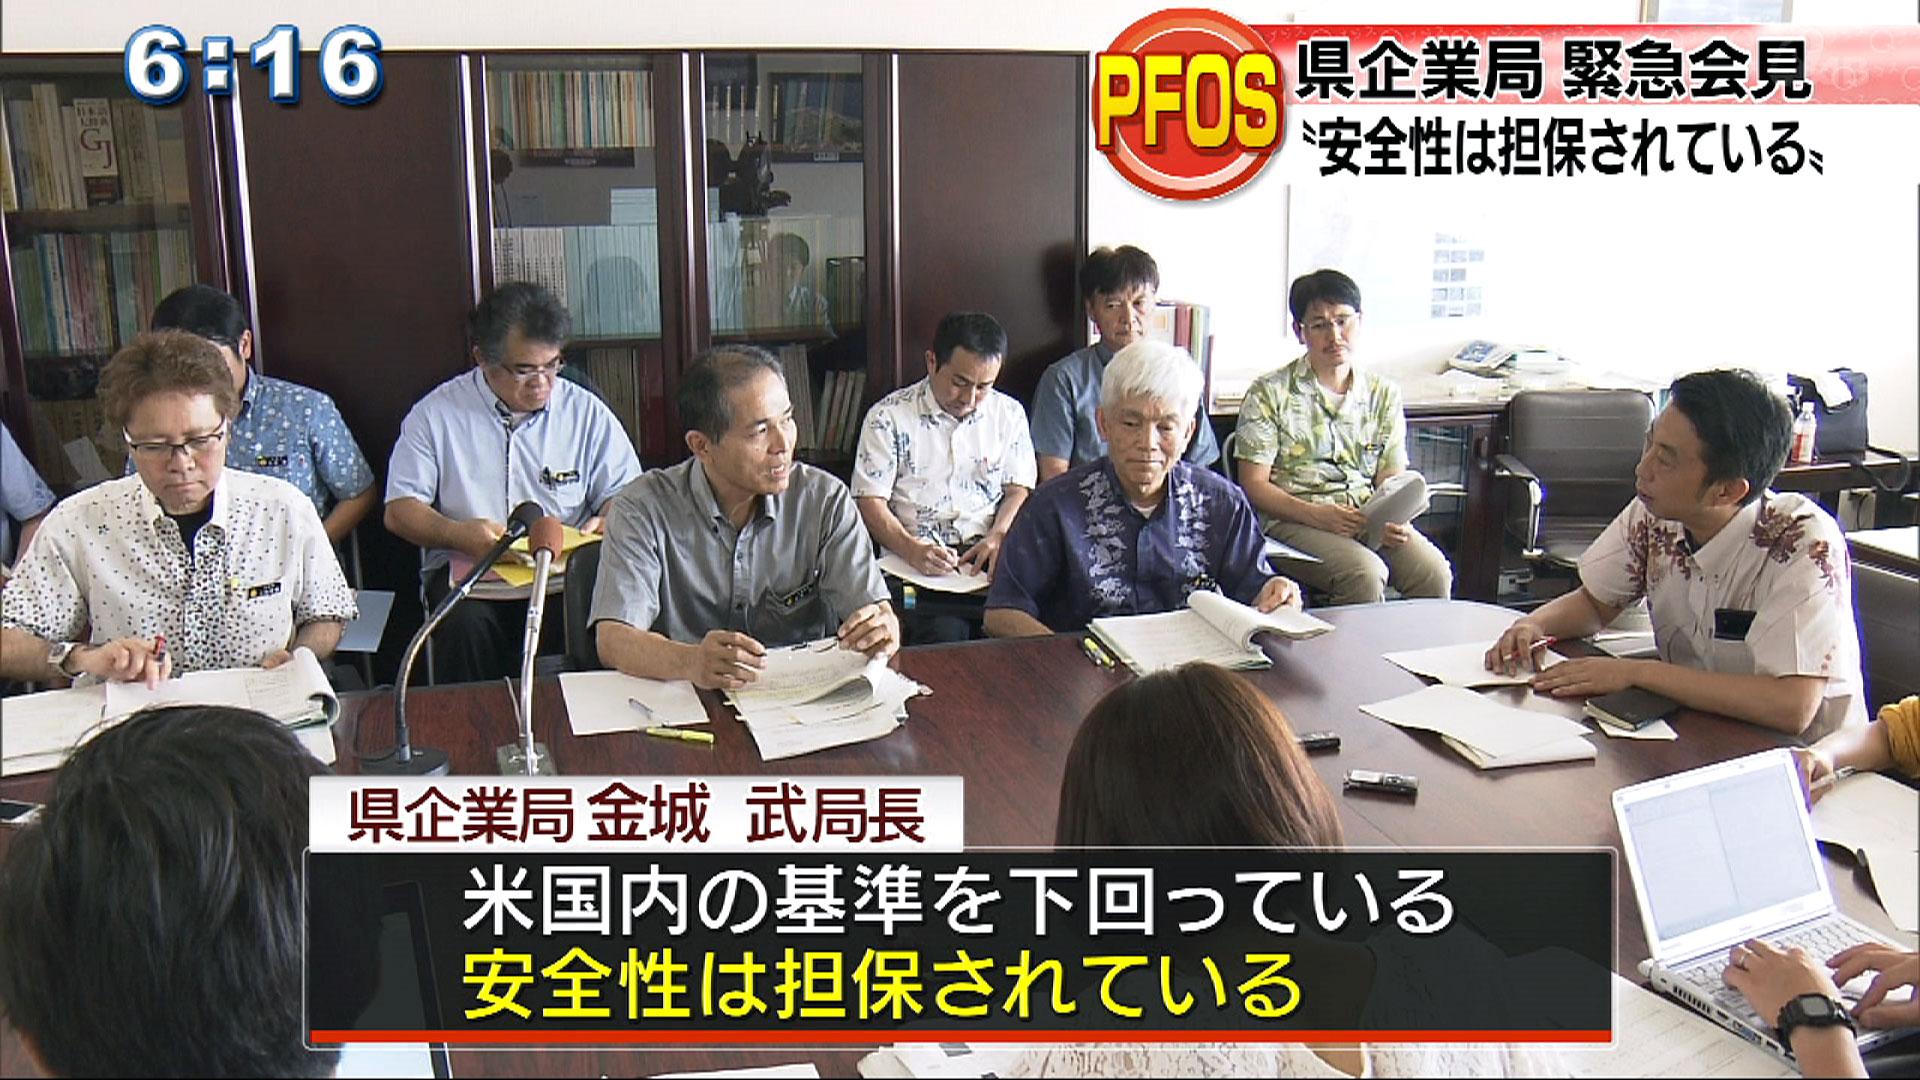 PFOS水汚染 県企業局が緊急会見